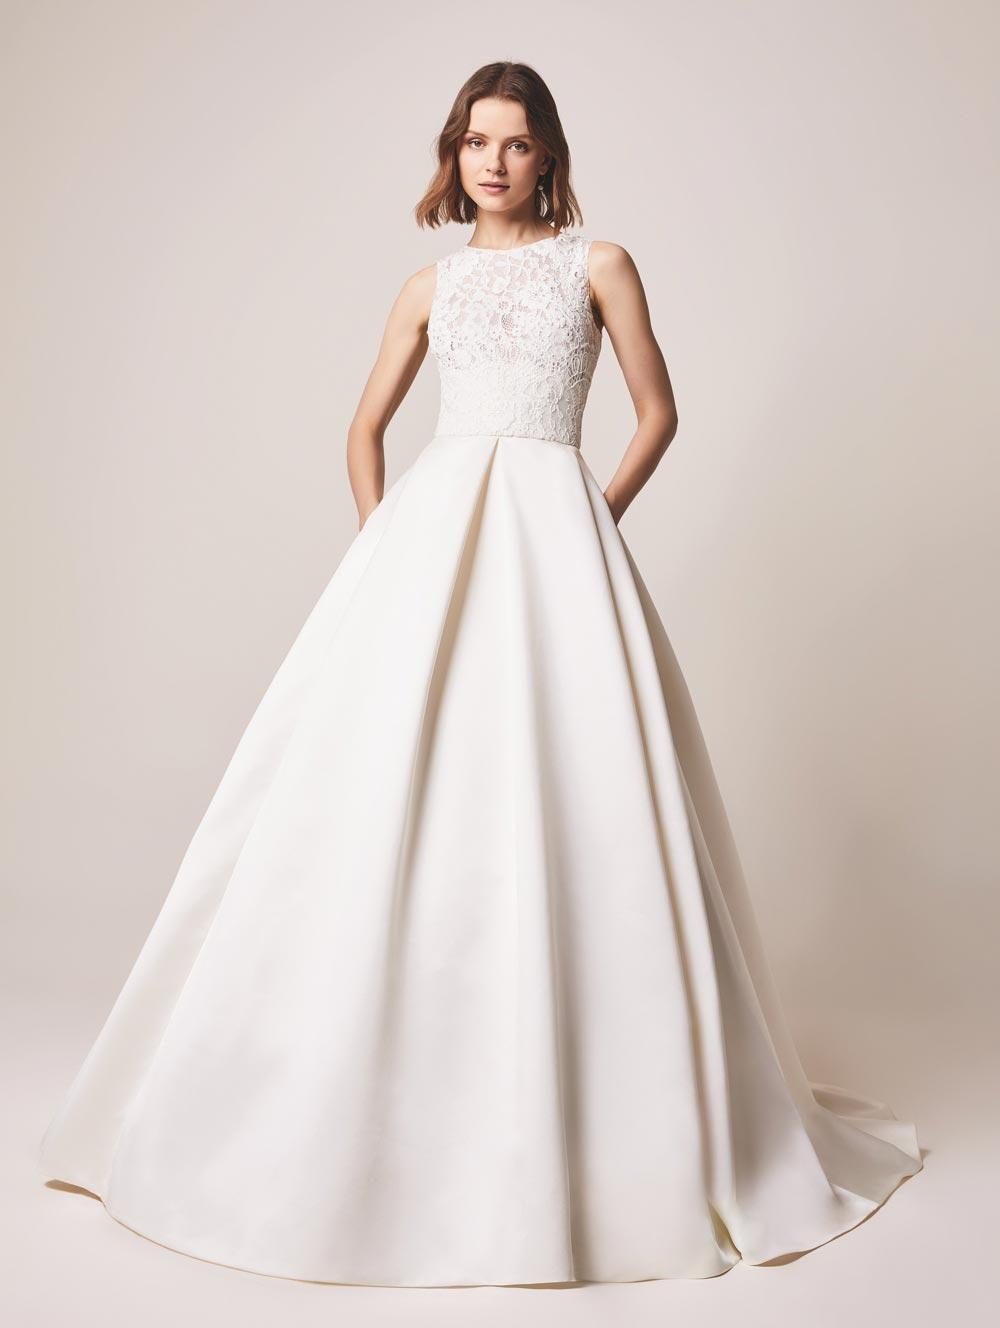 Hochzeitssalon Jereb – Brautkleider in Kärnten – Ihr Experte für